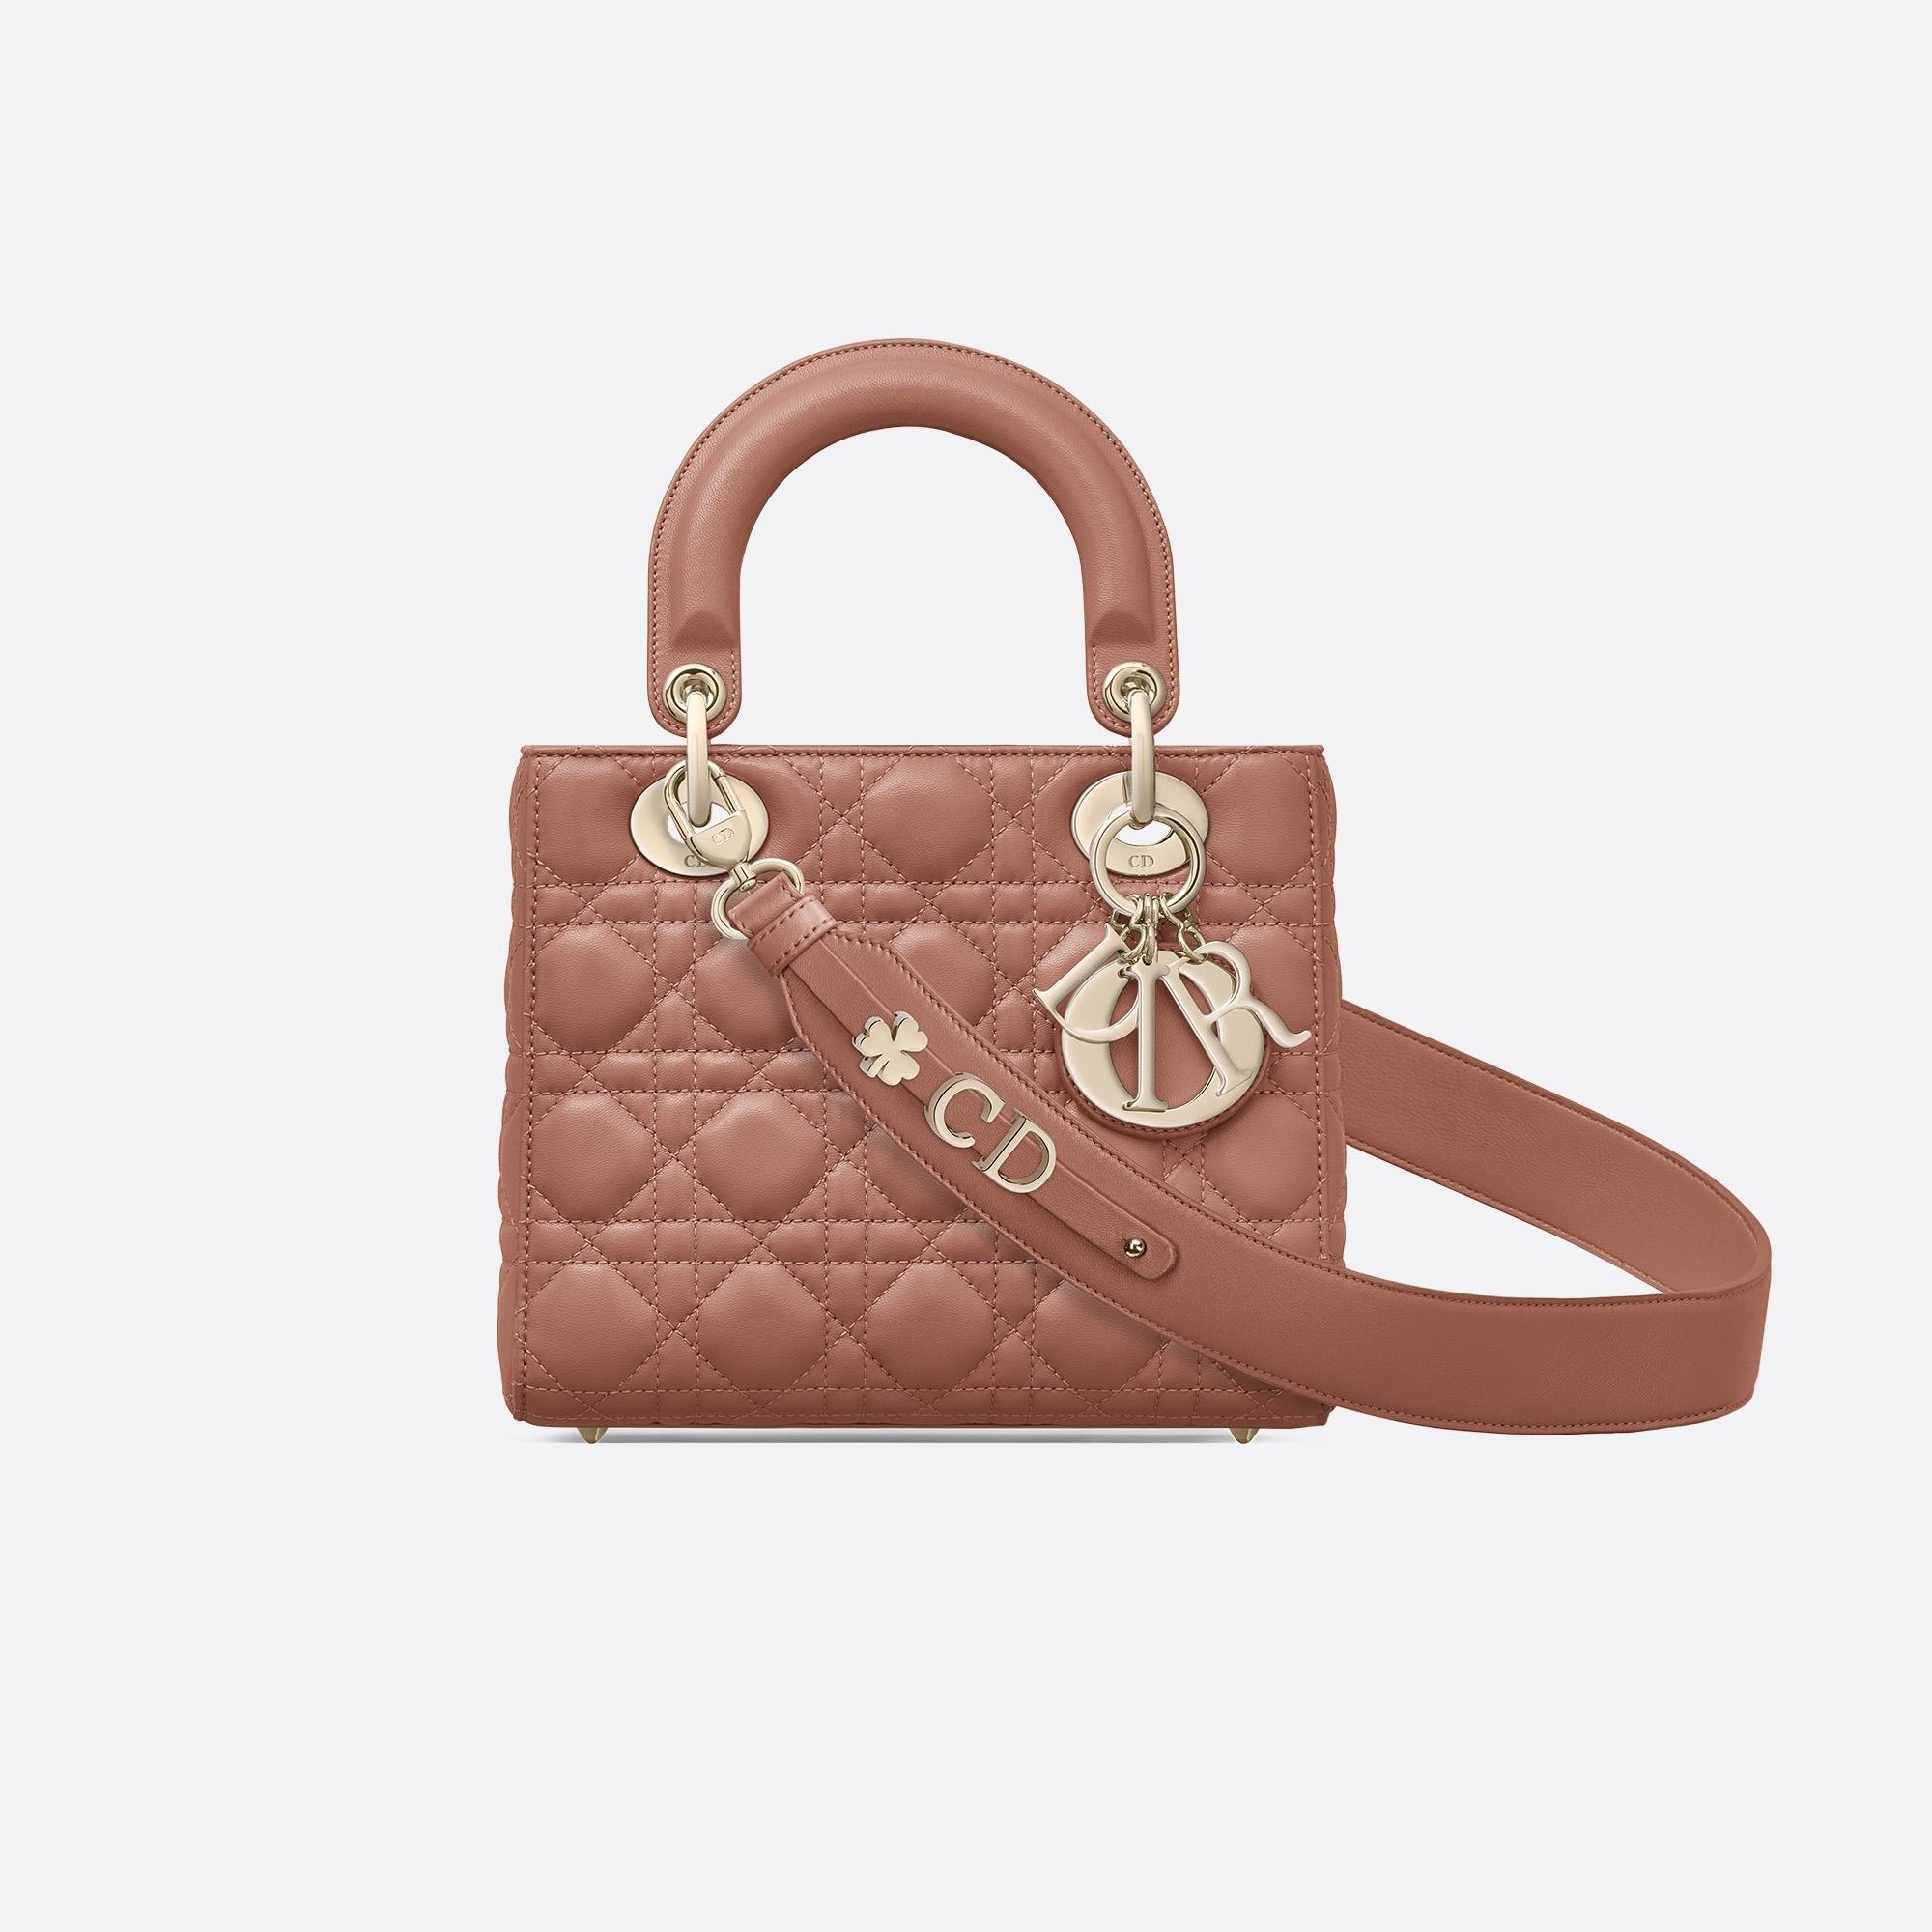 迪奥包包 价格和图片 My ABCDior棕红色藤格纹小羊皮手提包